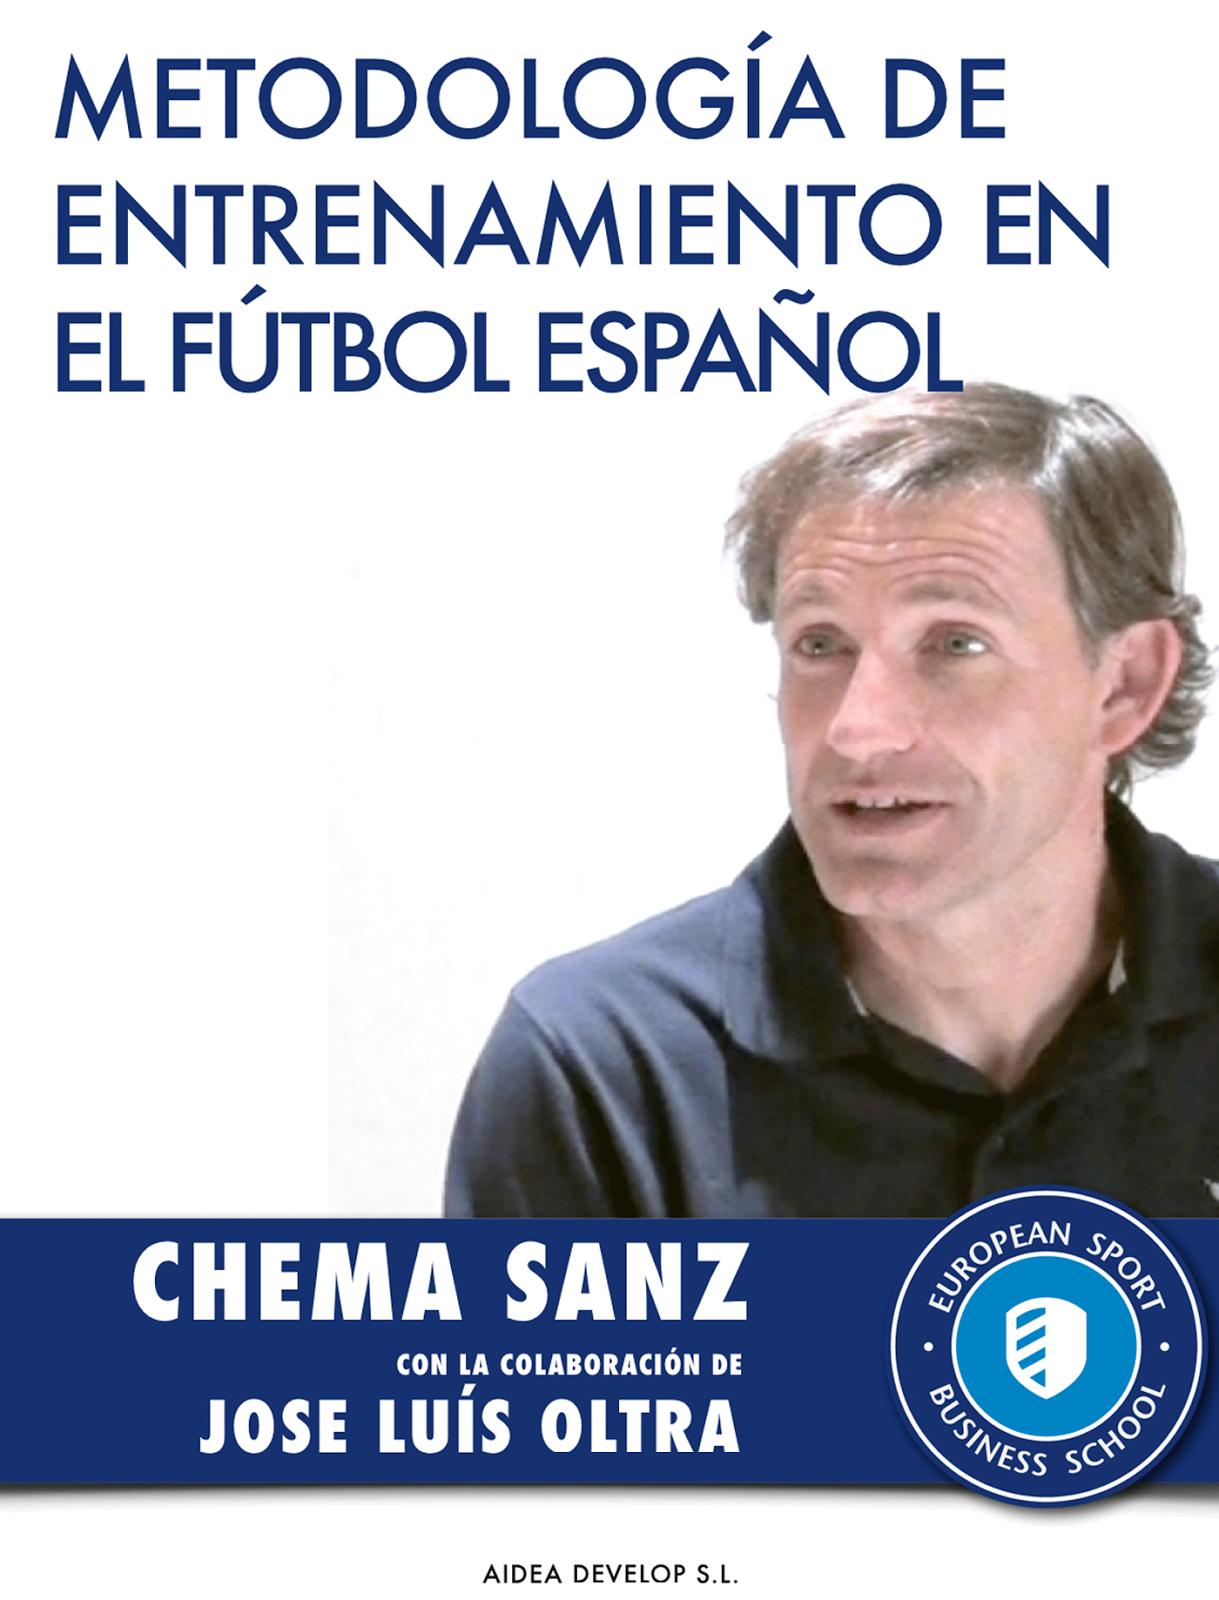 Metodología de entrenamiento en el fútbol español